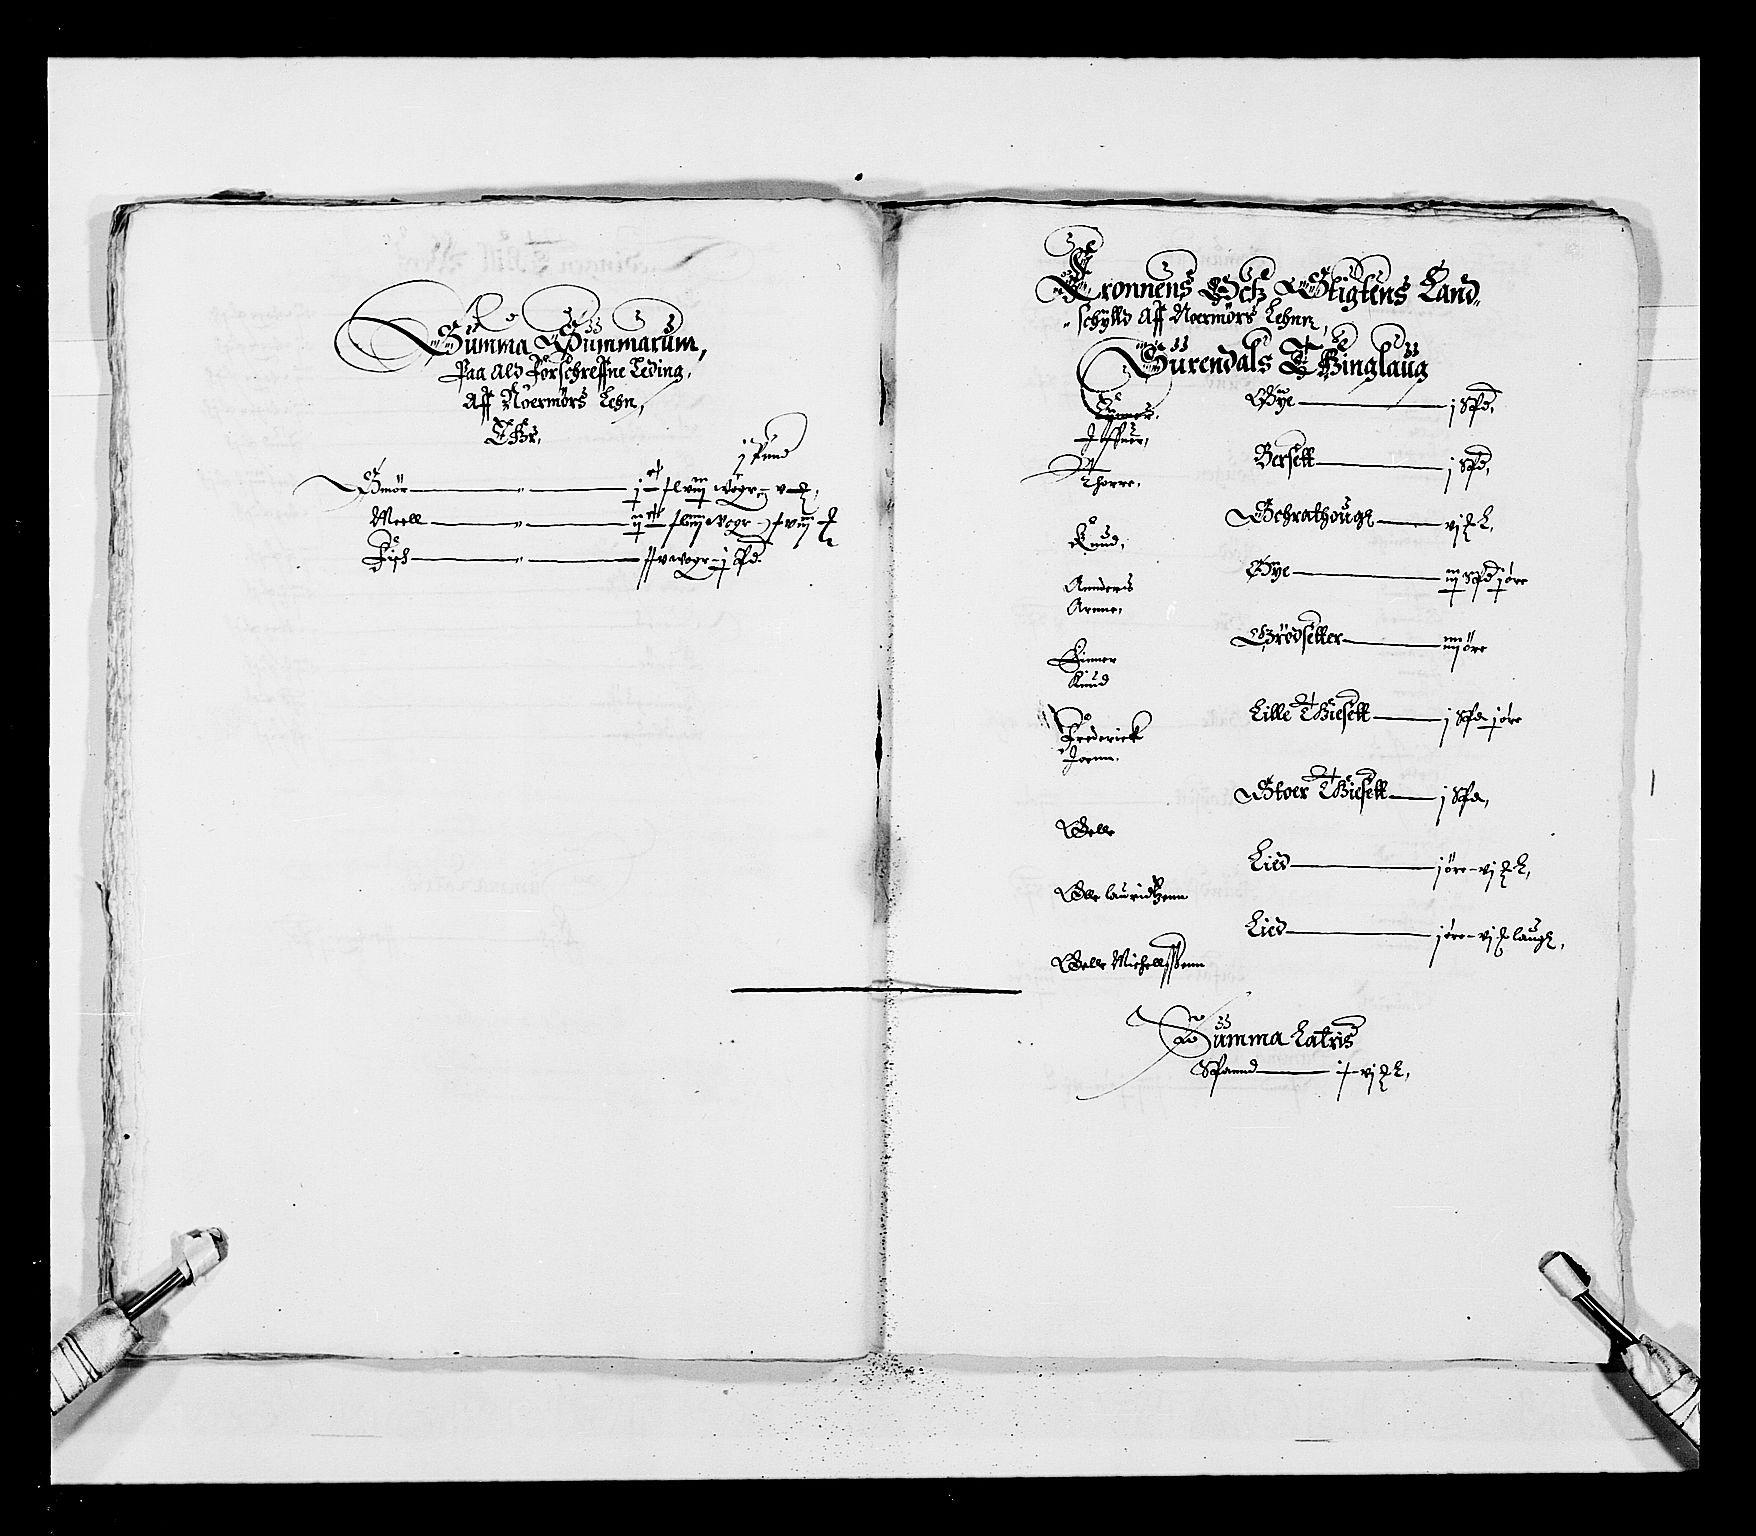 RA, Stattholderembetet 1572-1771, Ek/L0028: Jordebøker 1633-1658:, 1645-1646, s. 29